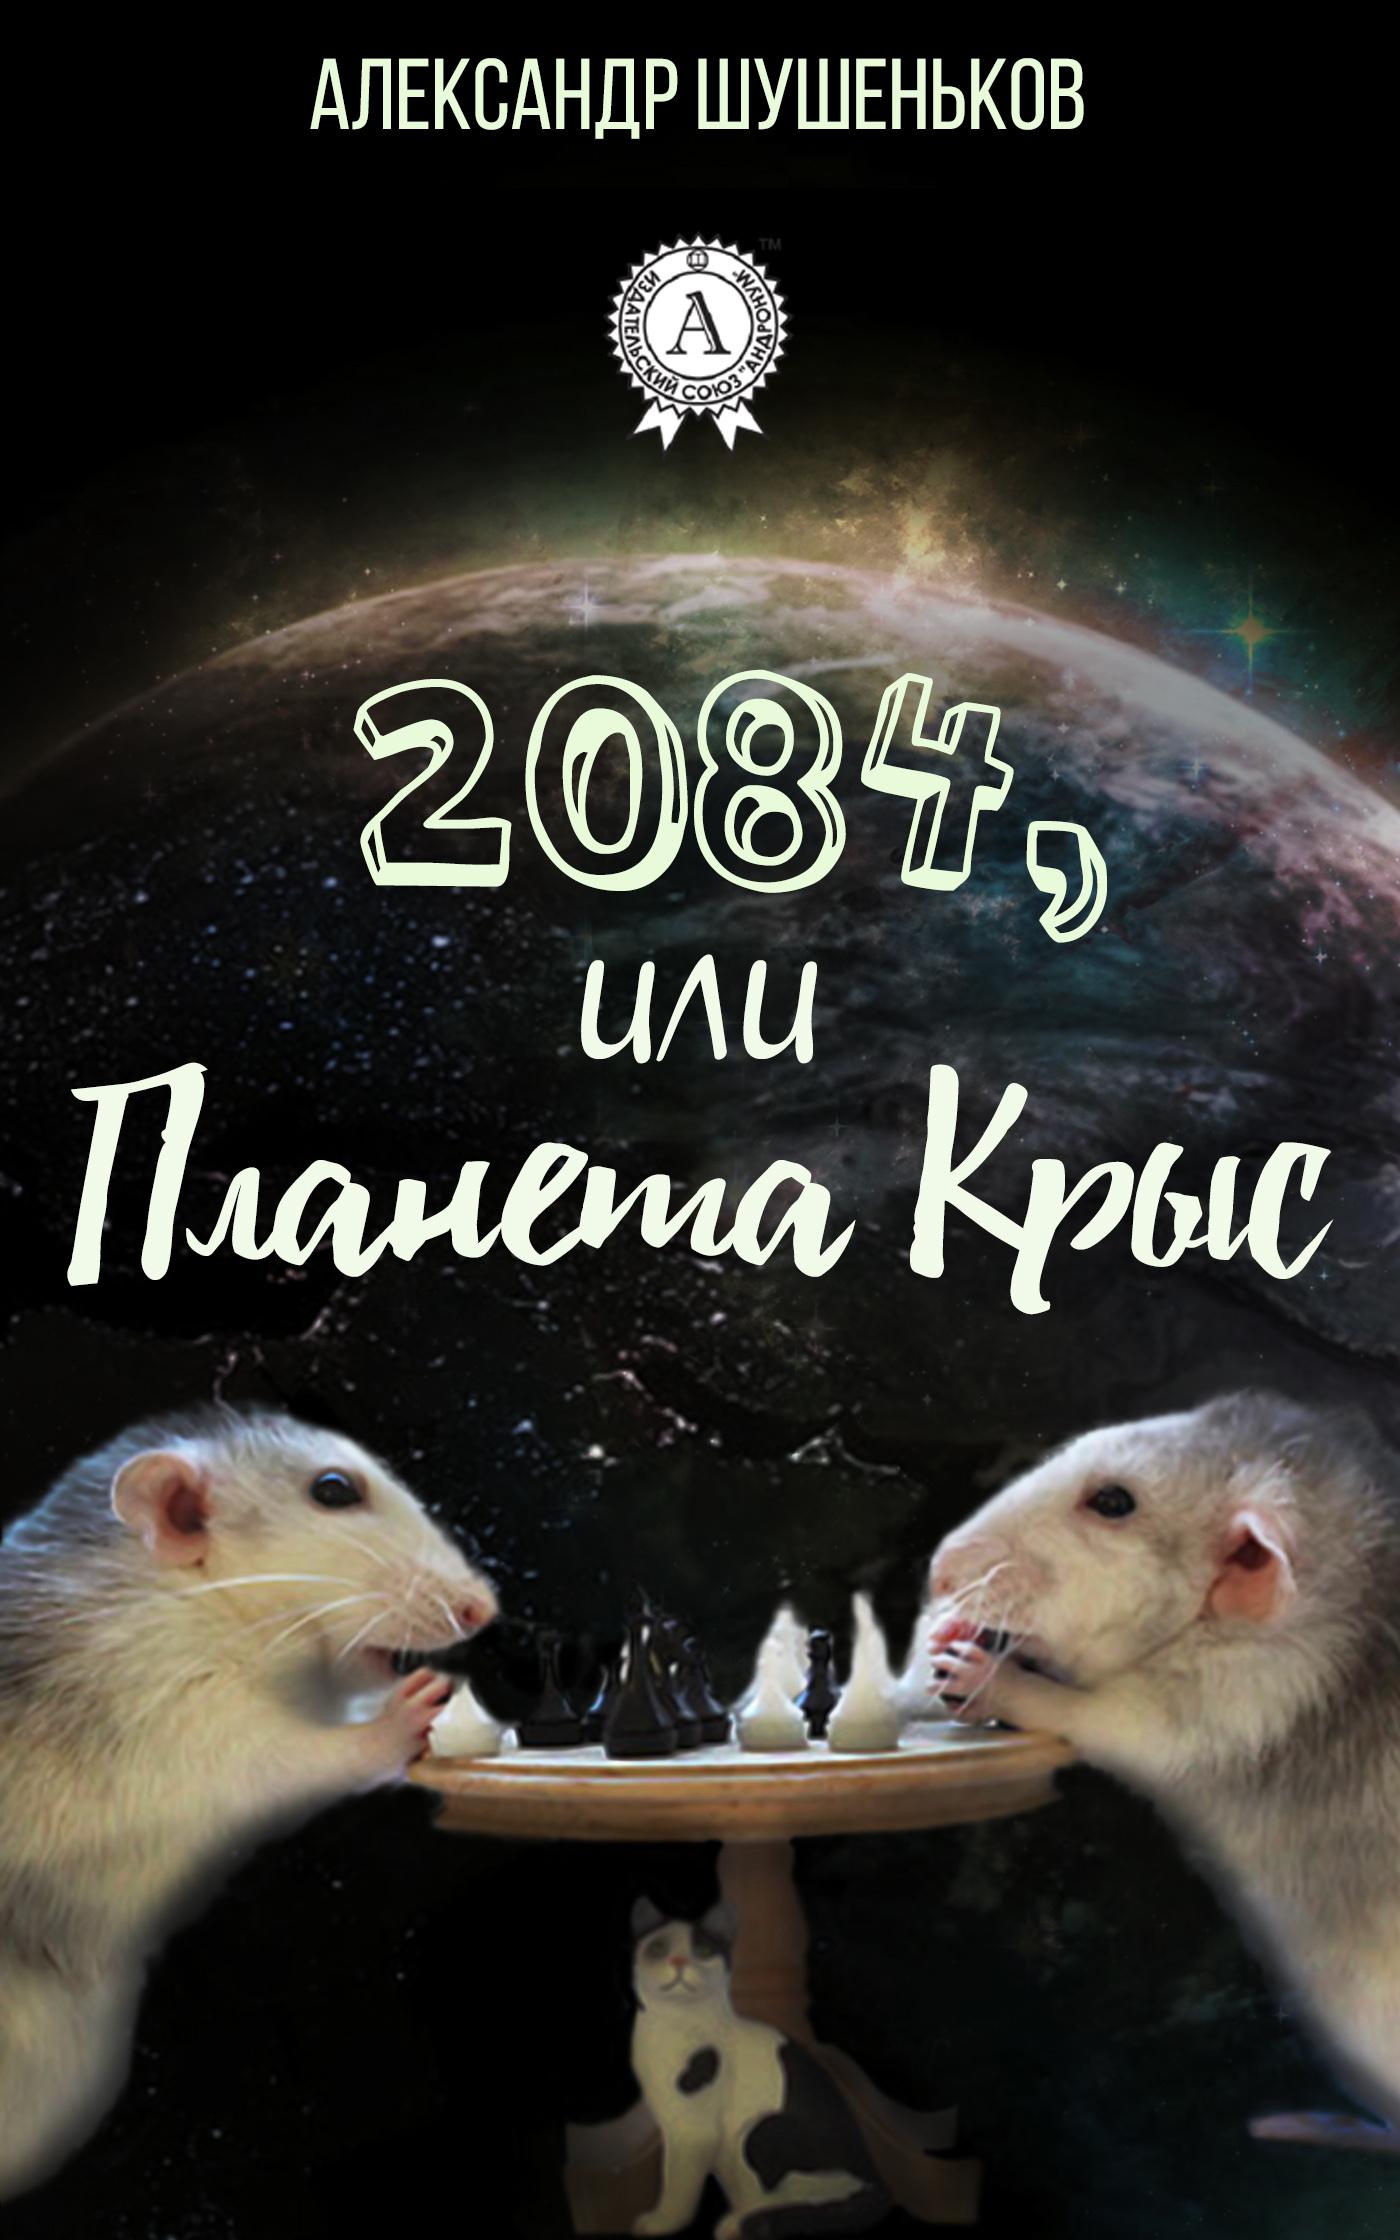 бесплатно Александр Шушеньков Скачать 2084, или Планета крыс